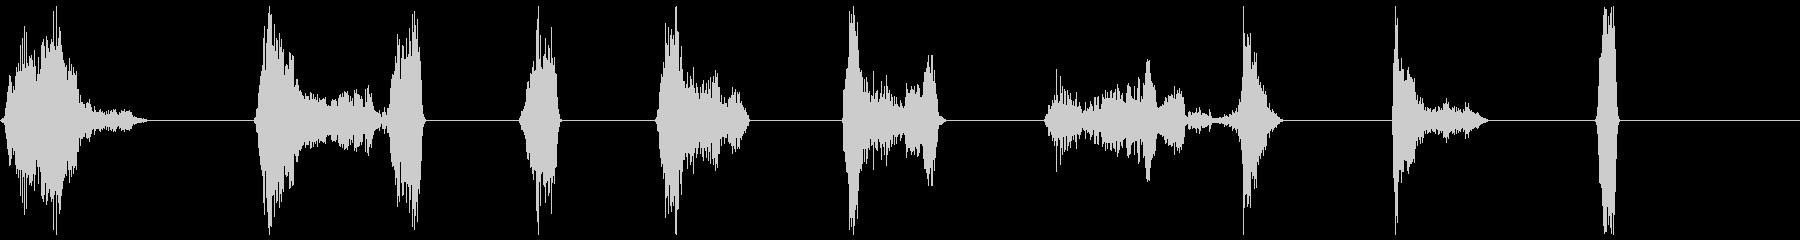 単一ボーカルのインパクト、男性41-48の未再生の波形